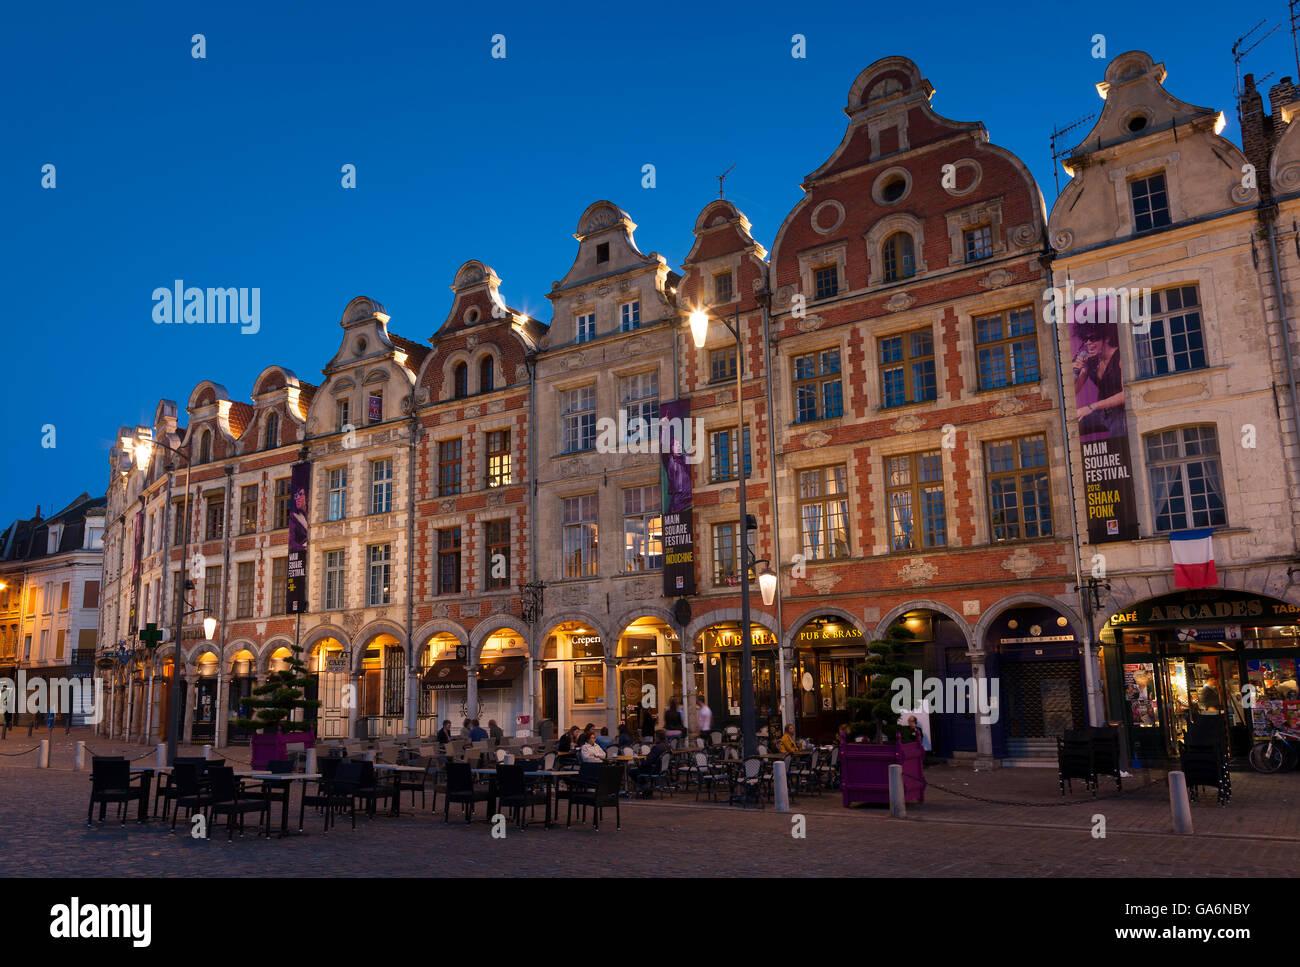 Place des Héros, Arras, Pas de Calais Department, Nord-Pas de Calais Picardie region, France - Stock Image